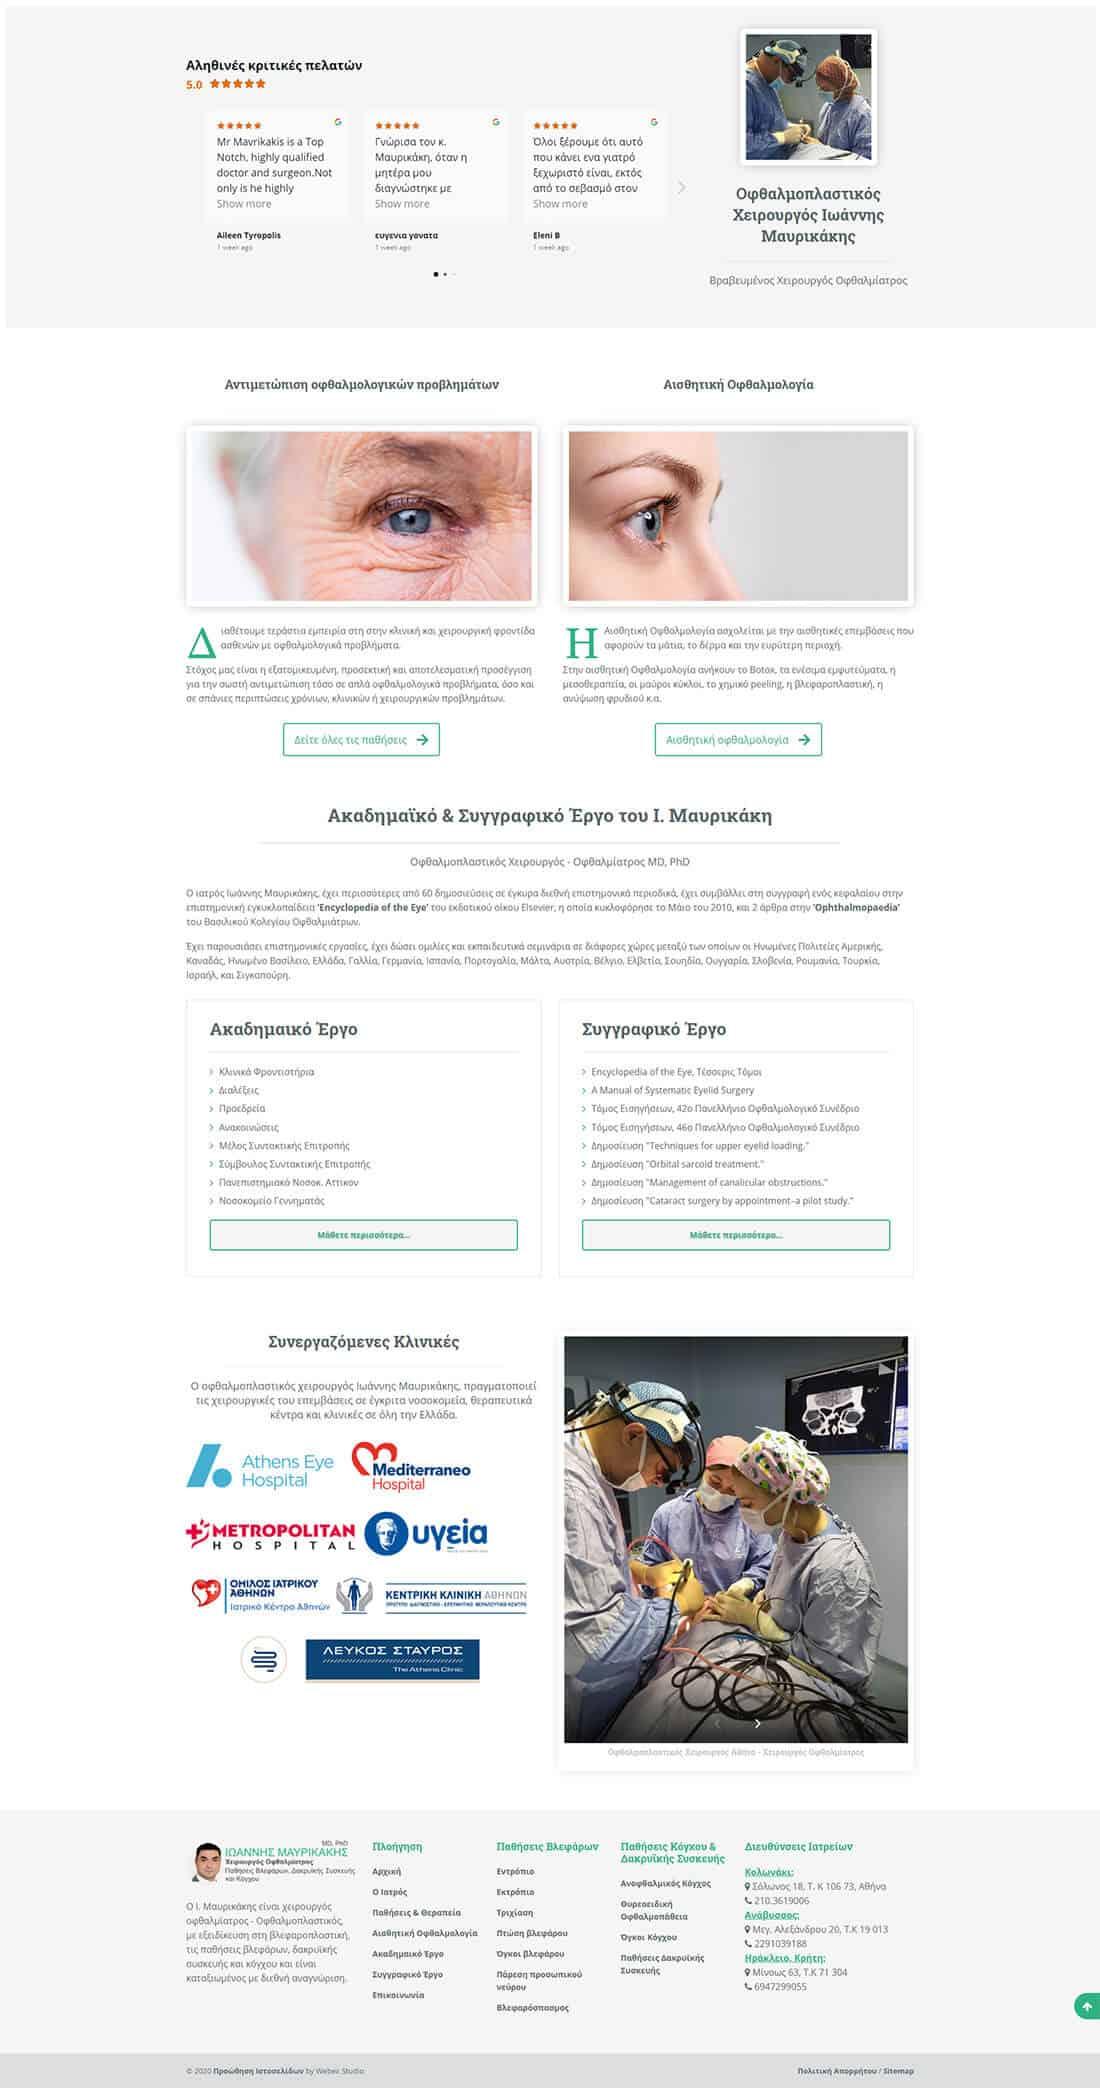 Κατασκευή ιστοσελίδας για χειρουργό οφθαλμίατρο